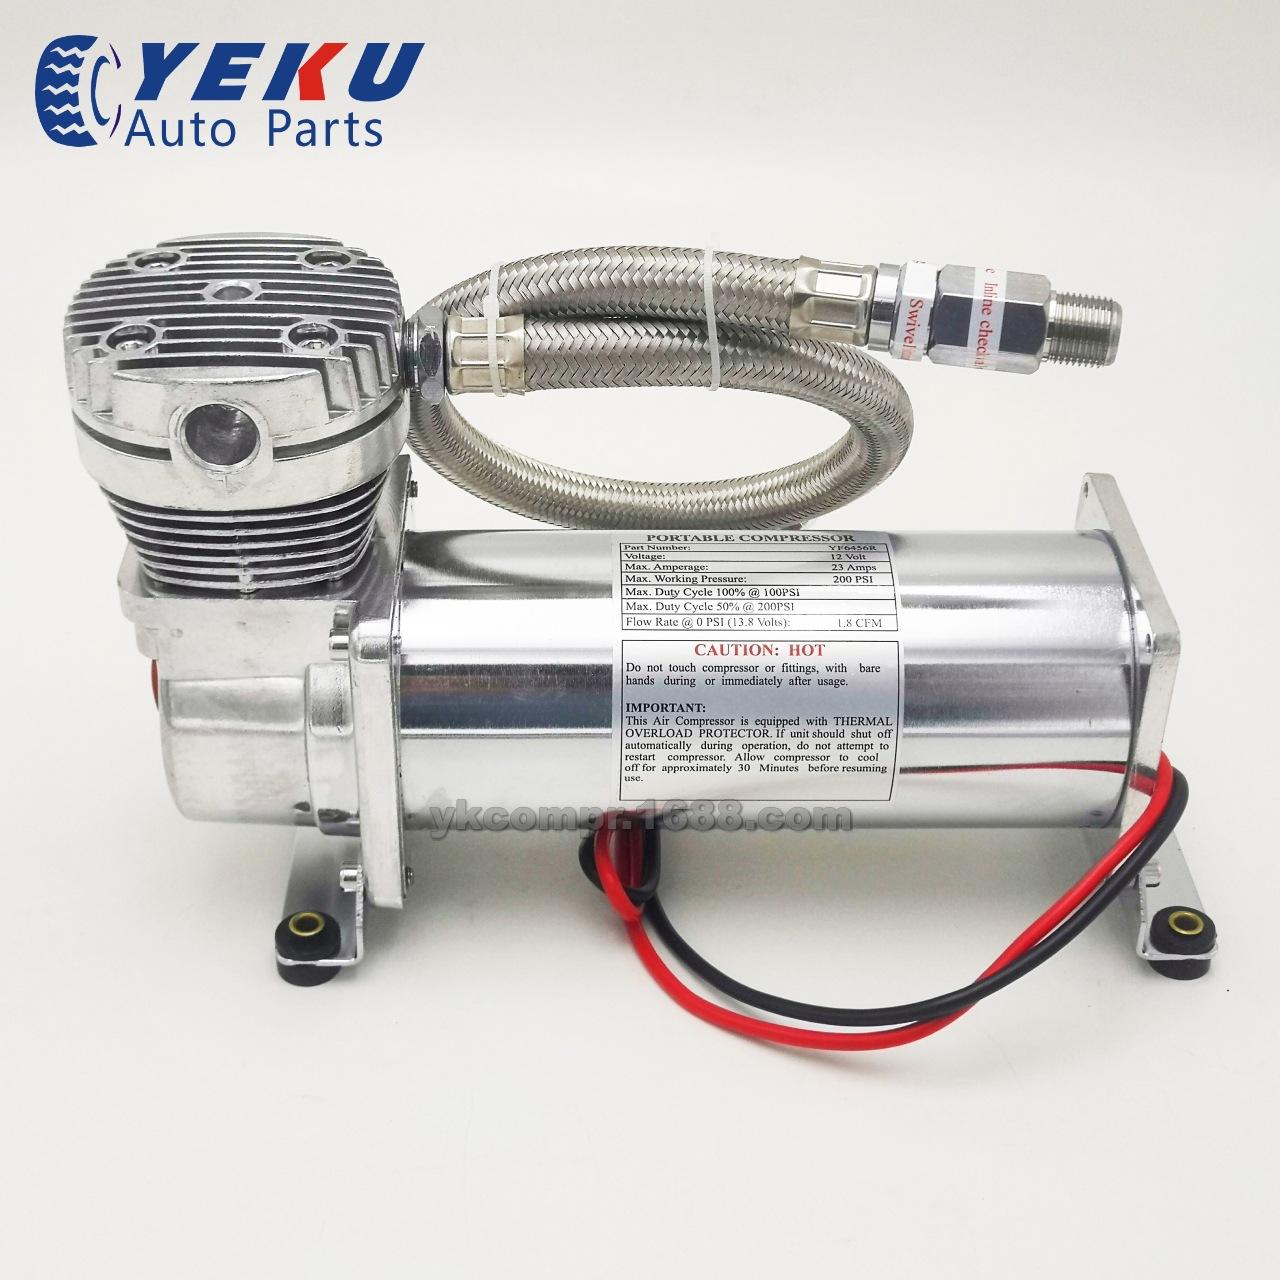 12V200psi大压力高流量高性能空气悬架打气泵